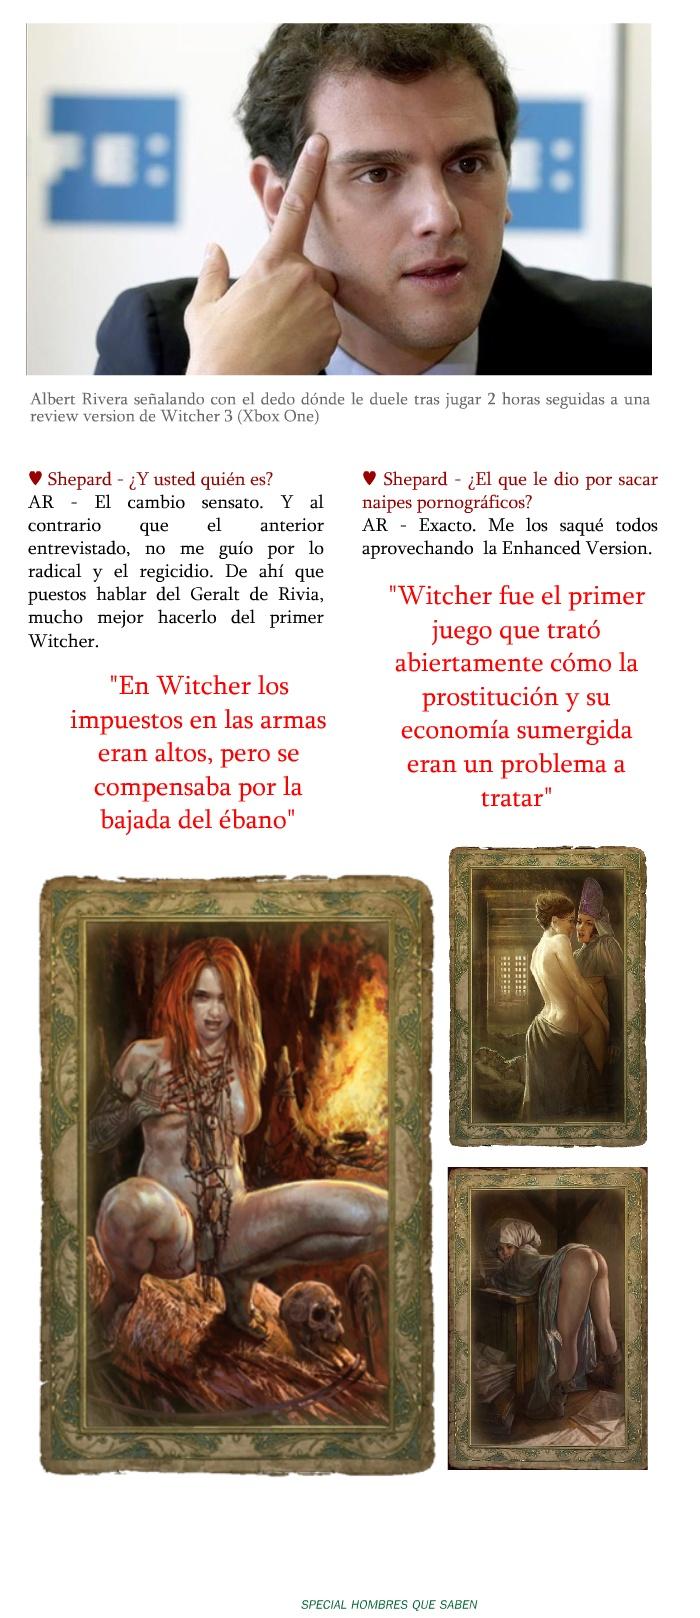 WITCHER3_POLÍTICA0003